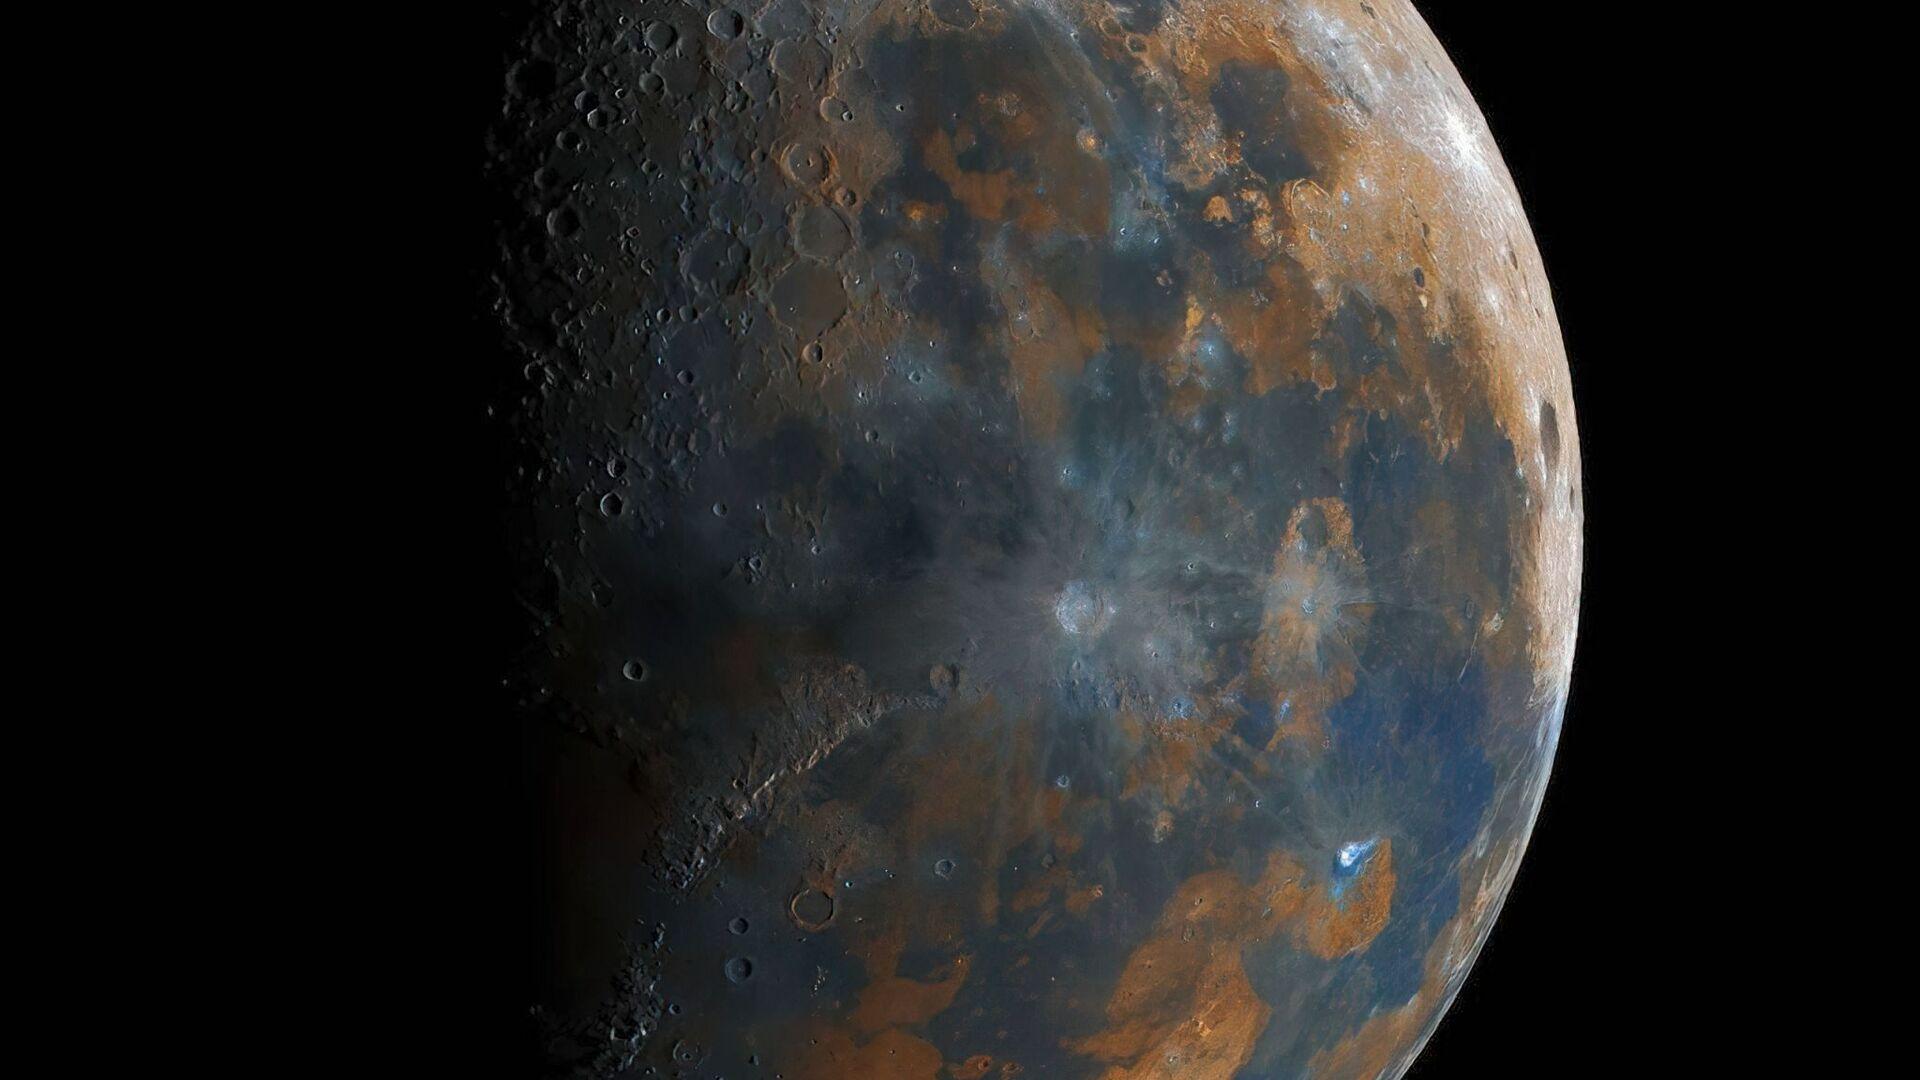 40 ore e 50mila foto, 16enne crea foto super dettagliata della Luna - Sputnik Italia, 1920, 22.05.2021